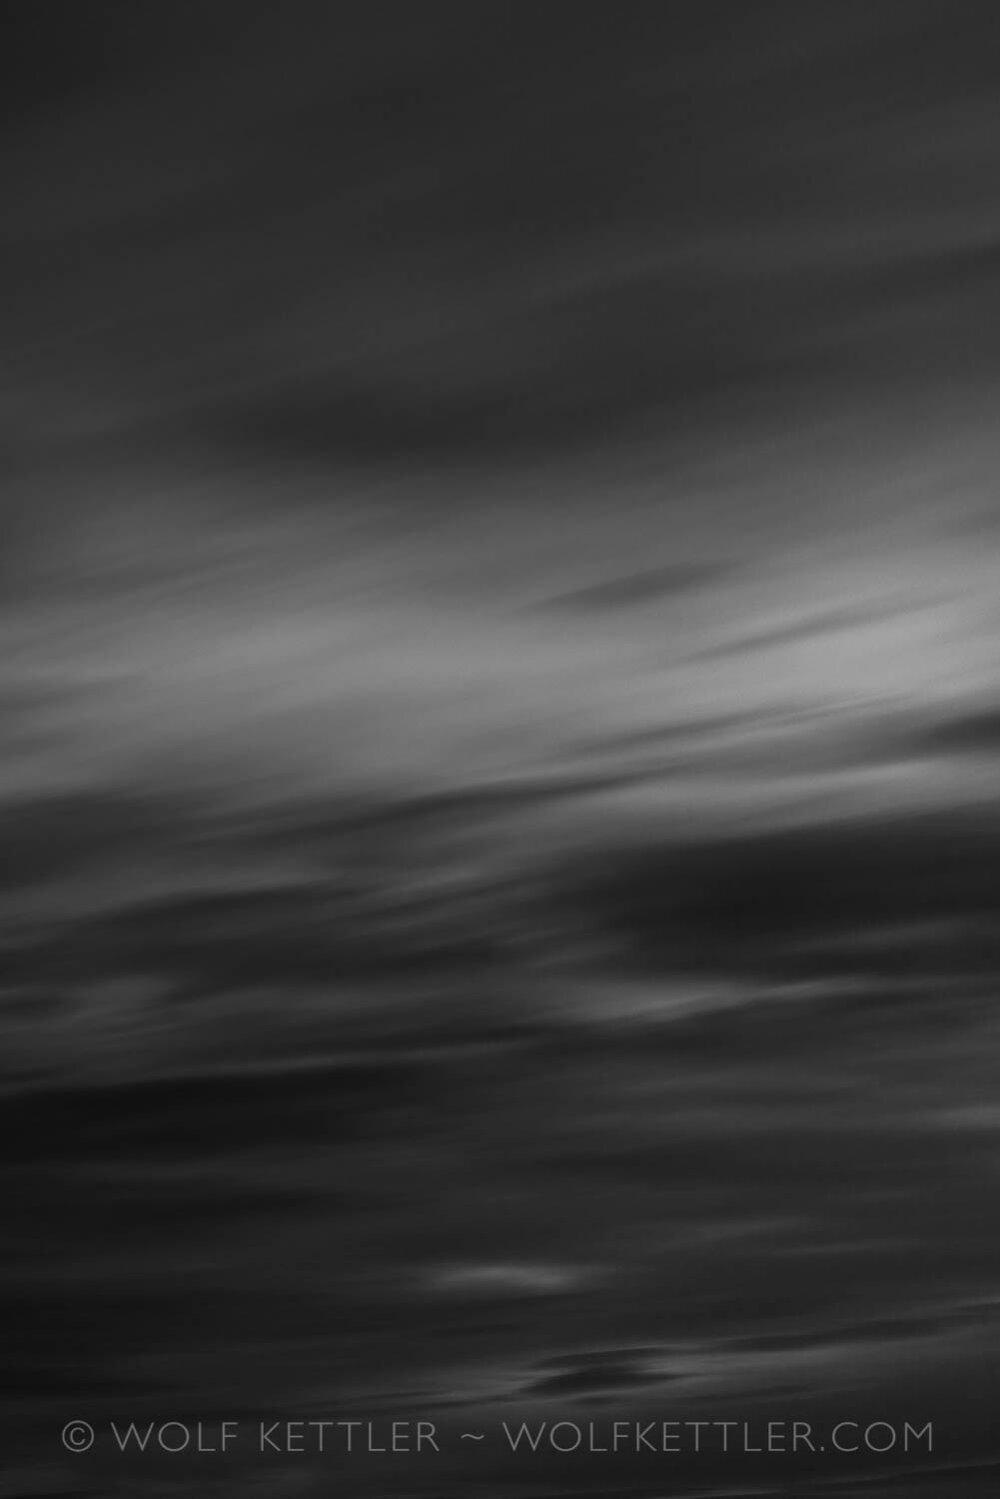 Night Sky No. 56